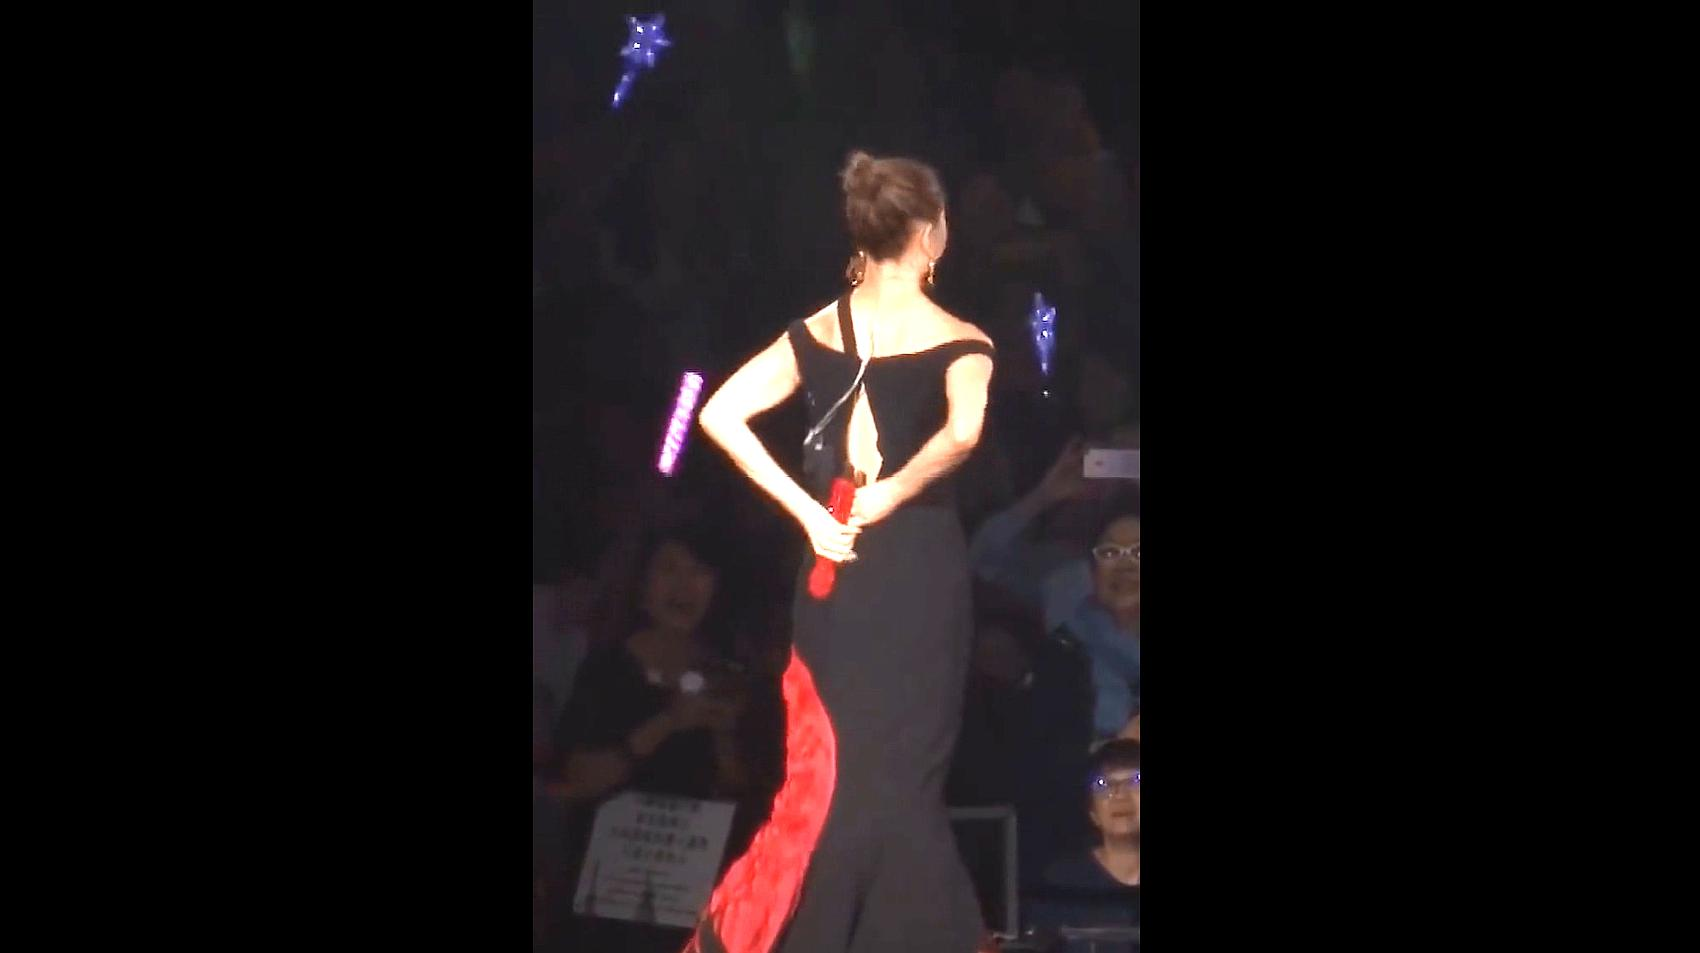 天后郑秀文演唱会裙子崩开了!前排的观众有福利咯!